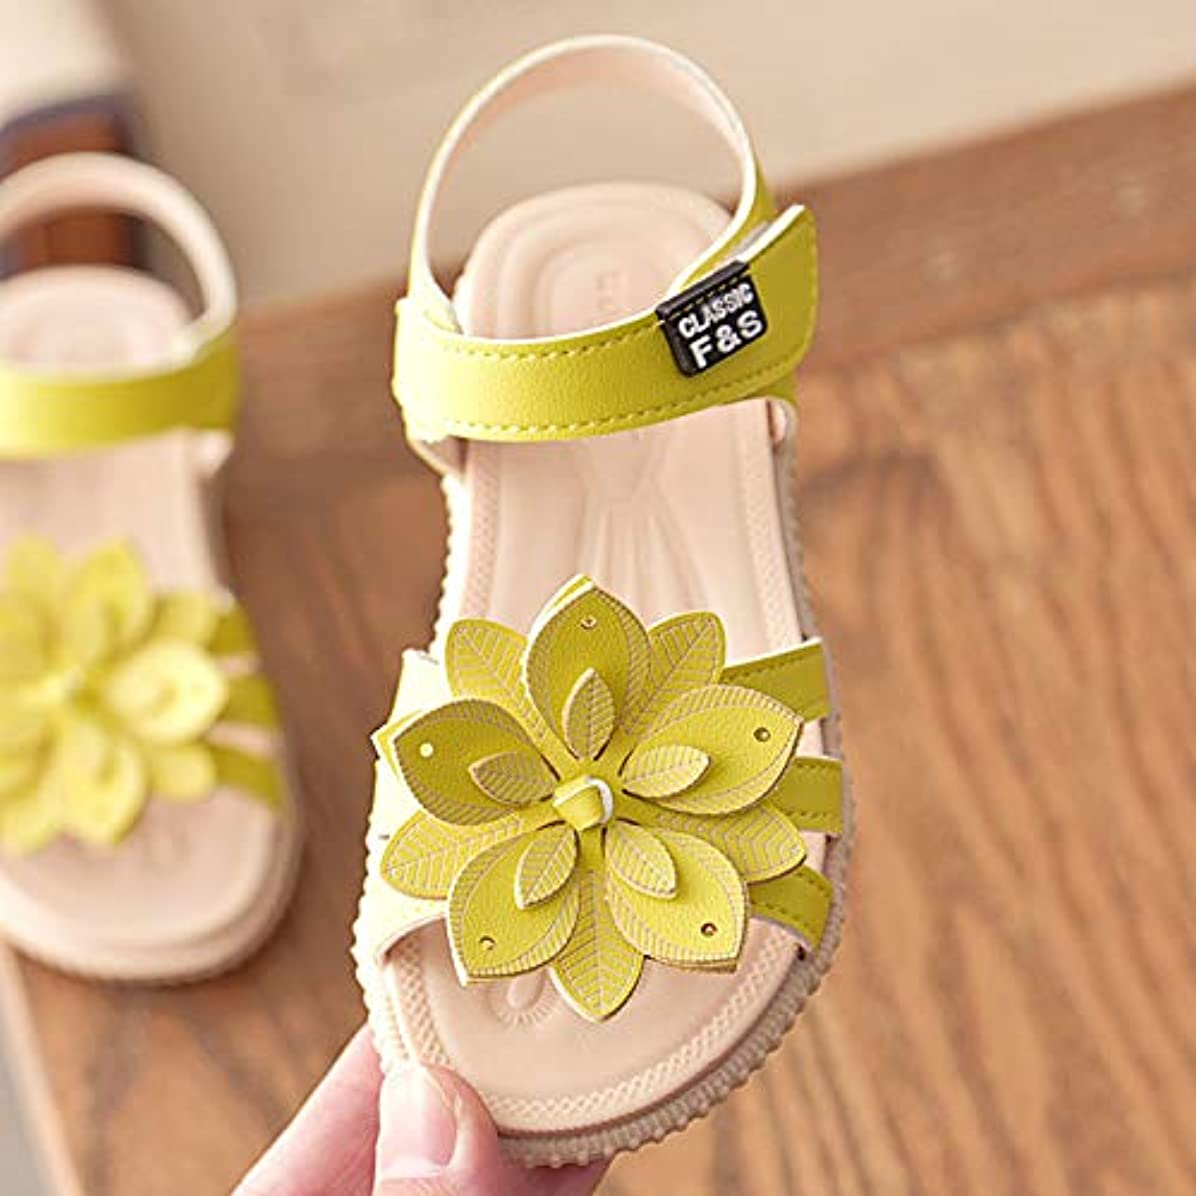 不公平本を読む移住するキッズサンダル ガールズサンダル 子供靴 可愛い花 女の子 お嬢様 ジュニア 歩きやすい ビーチサンダル 柔らかい 夏 靴 小さいサイズ 大きいサイズ